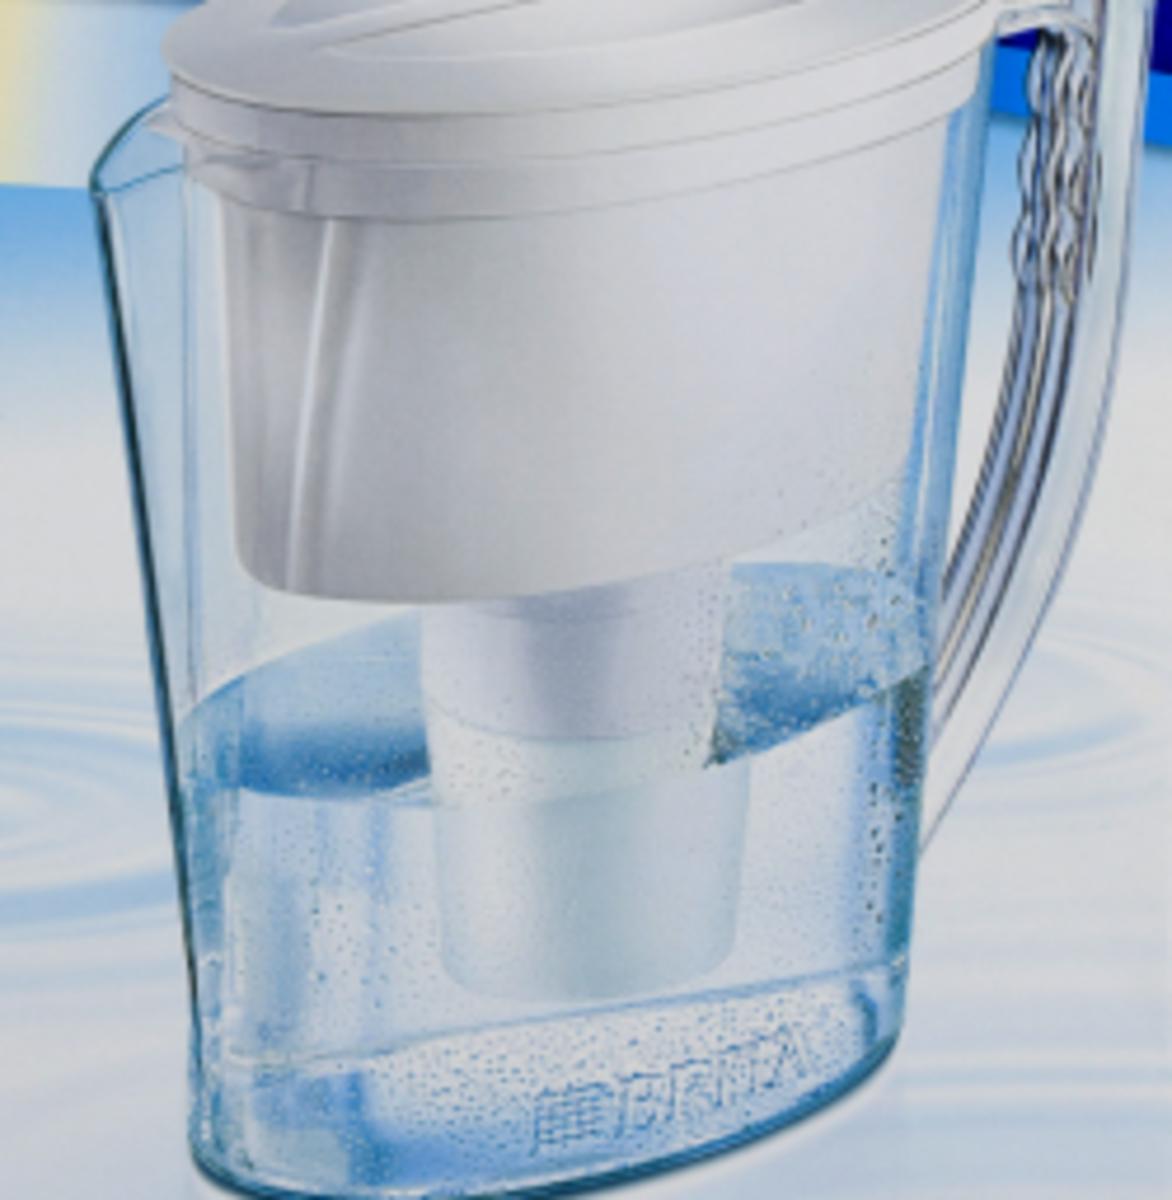 brita-vs-zero-water-the-best-water-filters